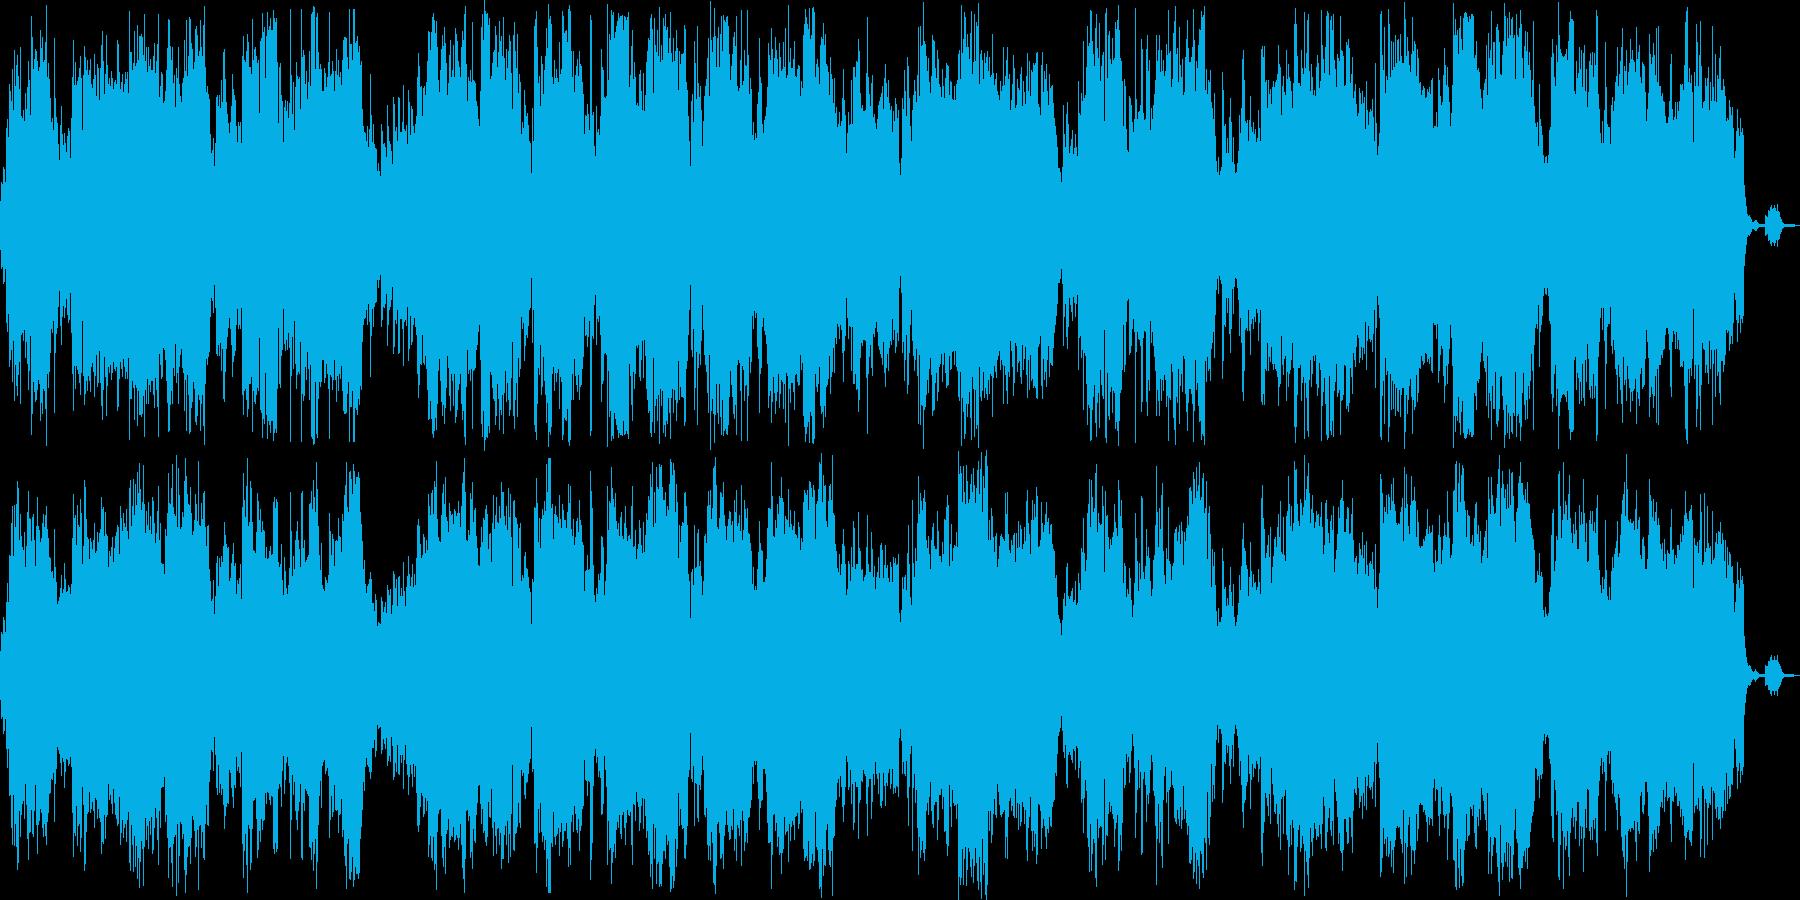 安らぎ感のある管楽器ピアノサウンドの再生済みの波形